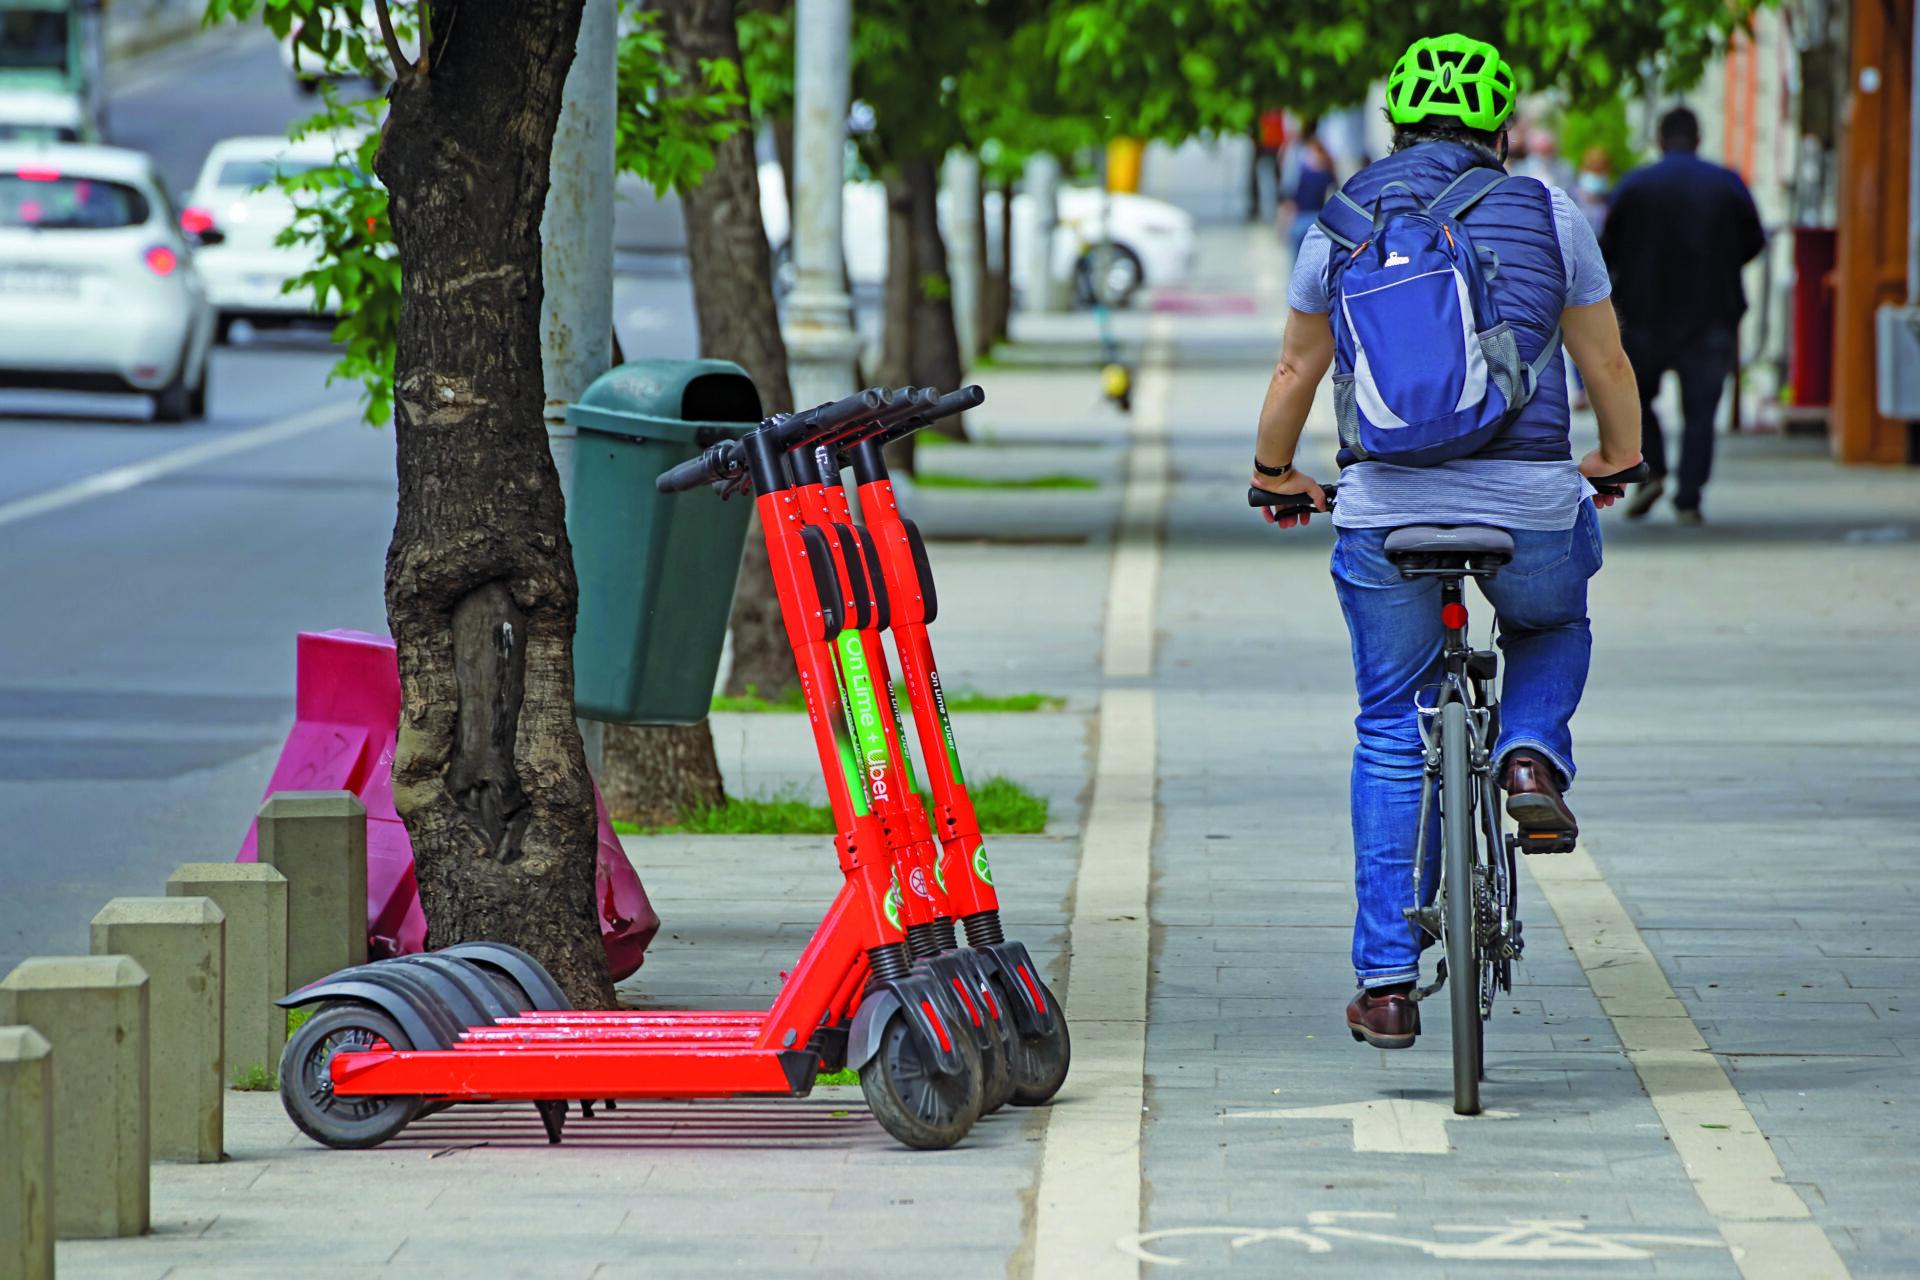 Bicicletas y patinetes eléctricos: cómo deben circular por Madrid